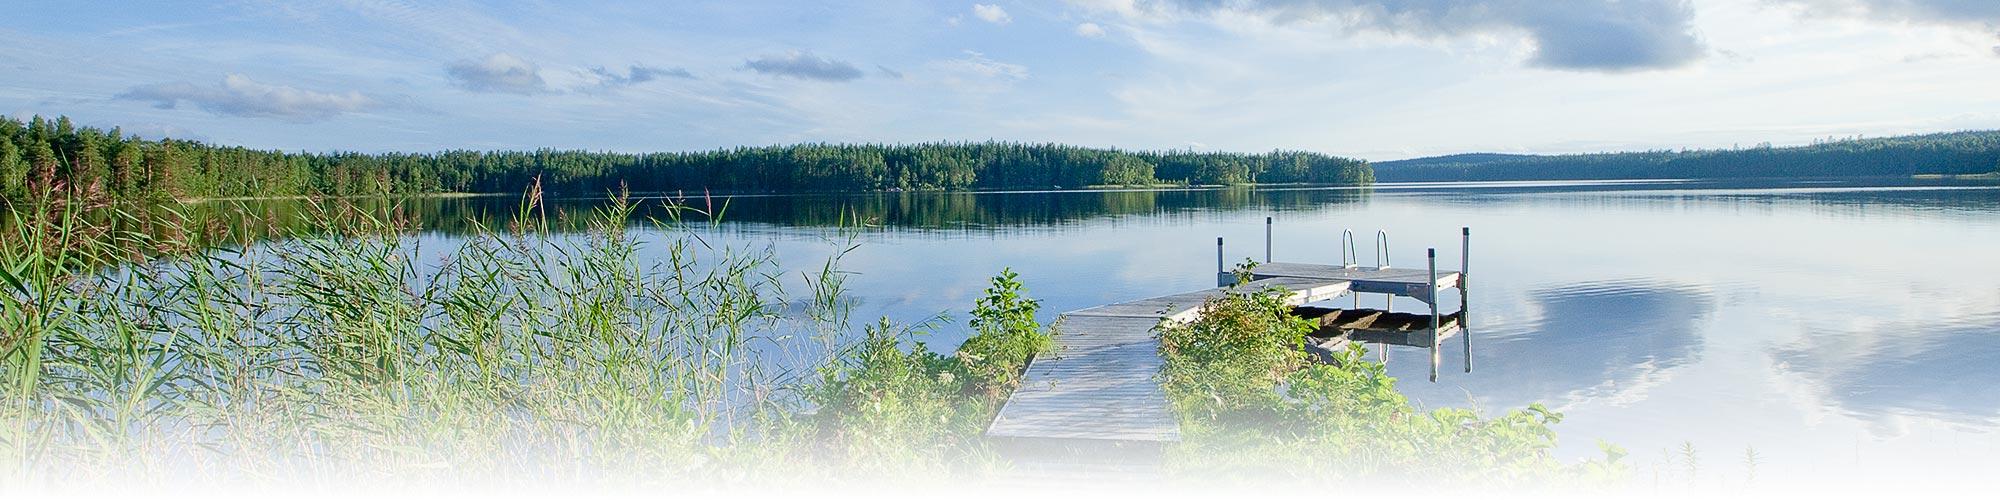 Tommolansalmi Lake Korpijärvi